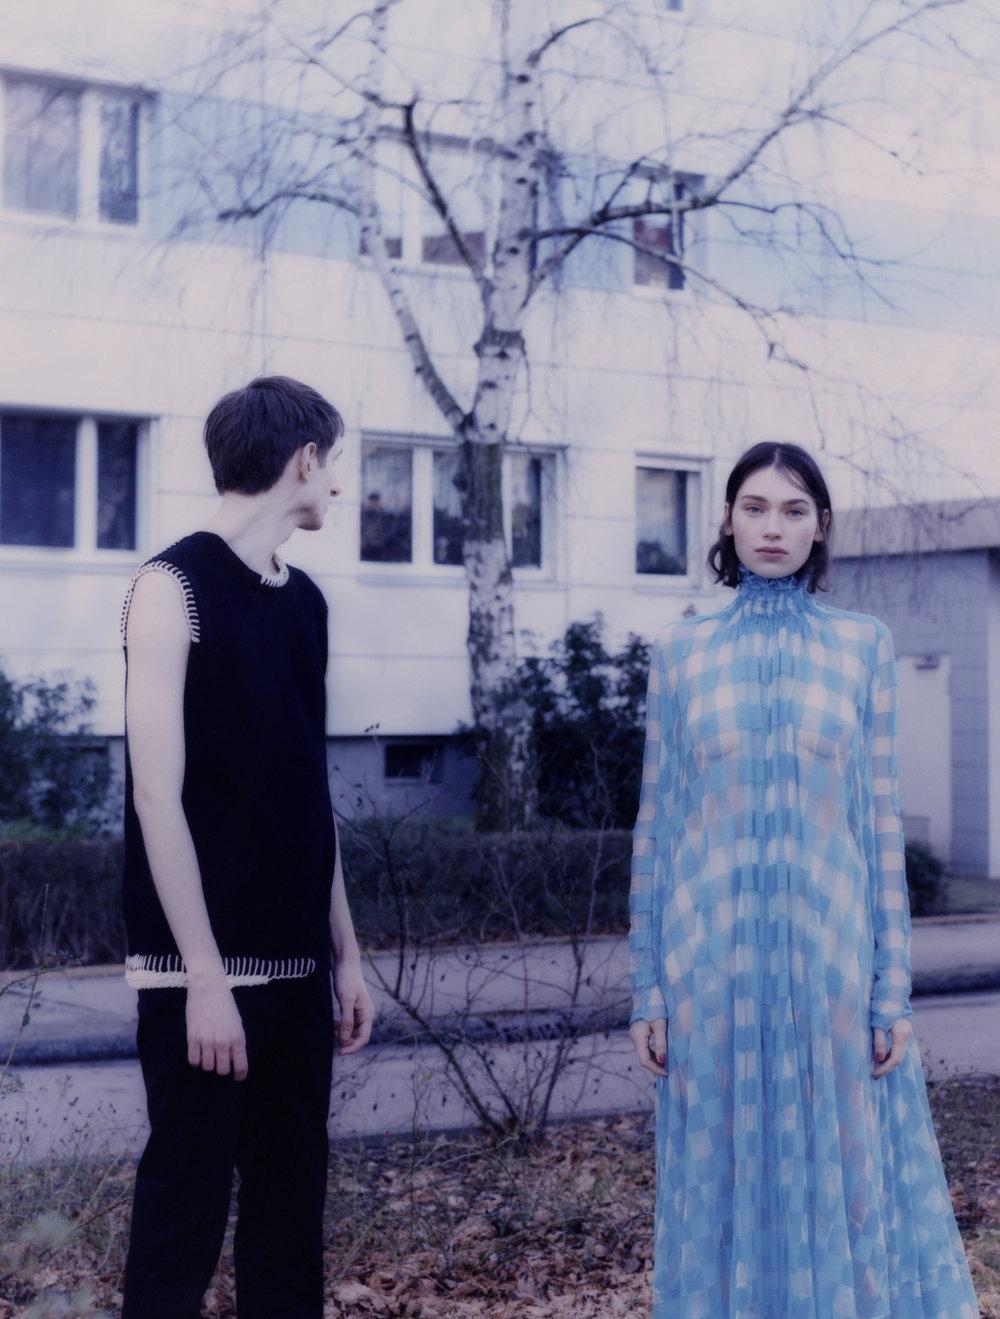 Rebecca con vestido de  JIL SANDER . Adrian viste top de  JIL SANDER  y pantalón de  HERMÈS .